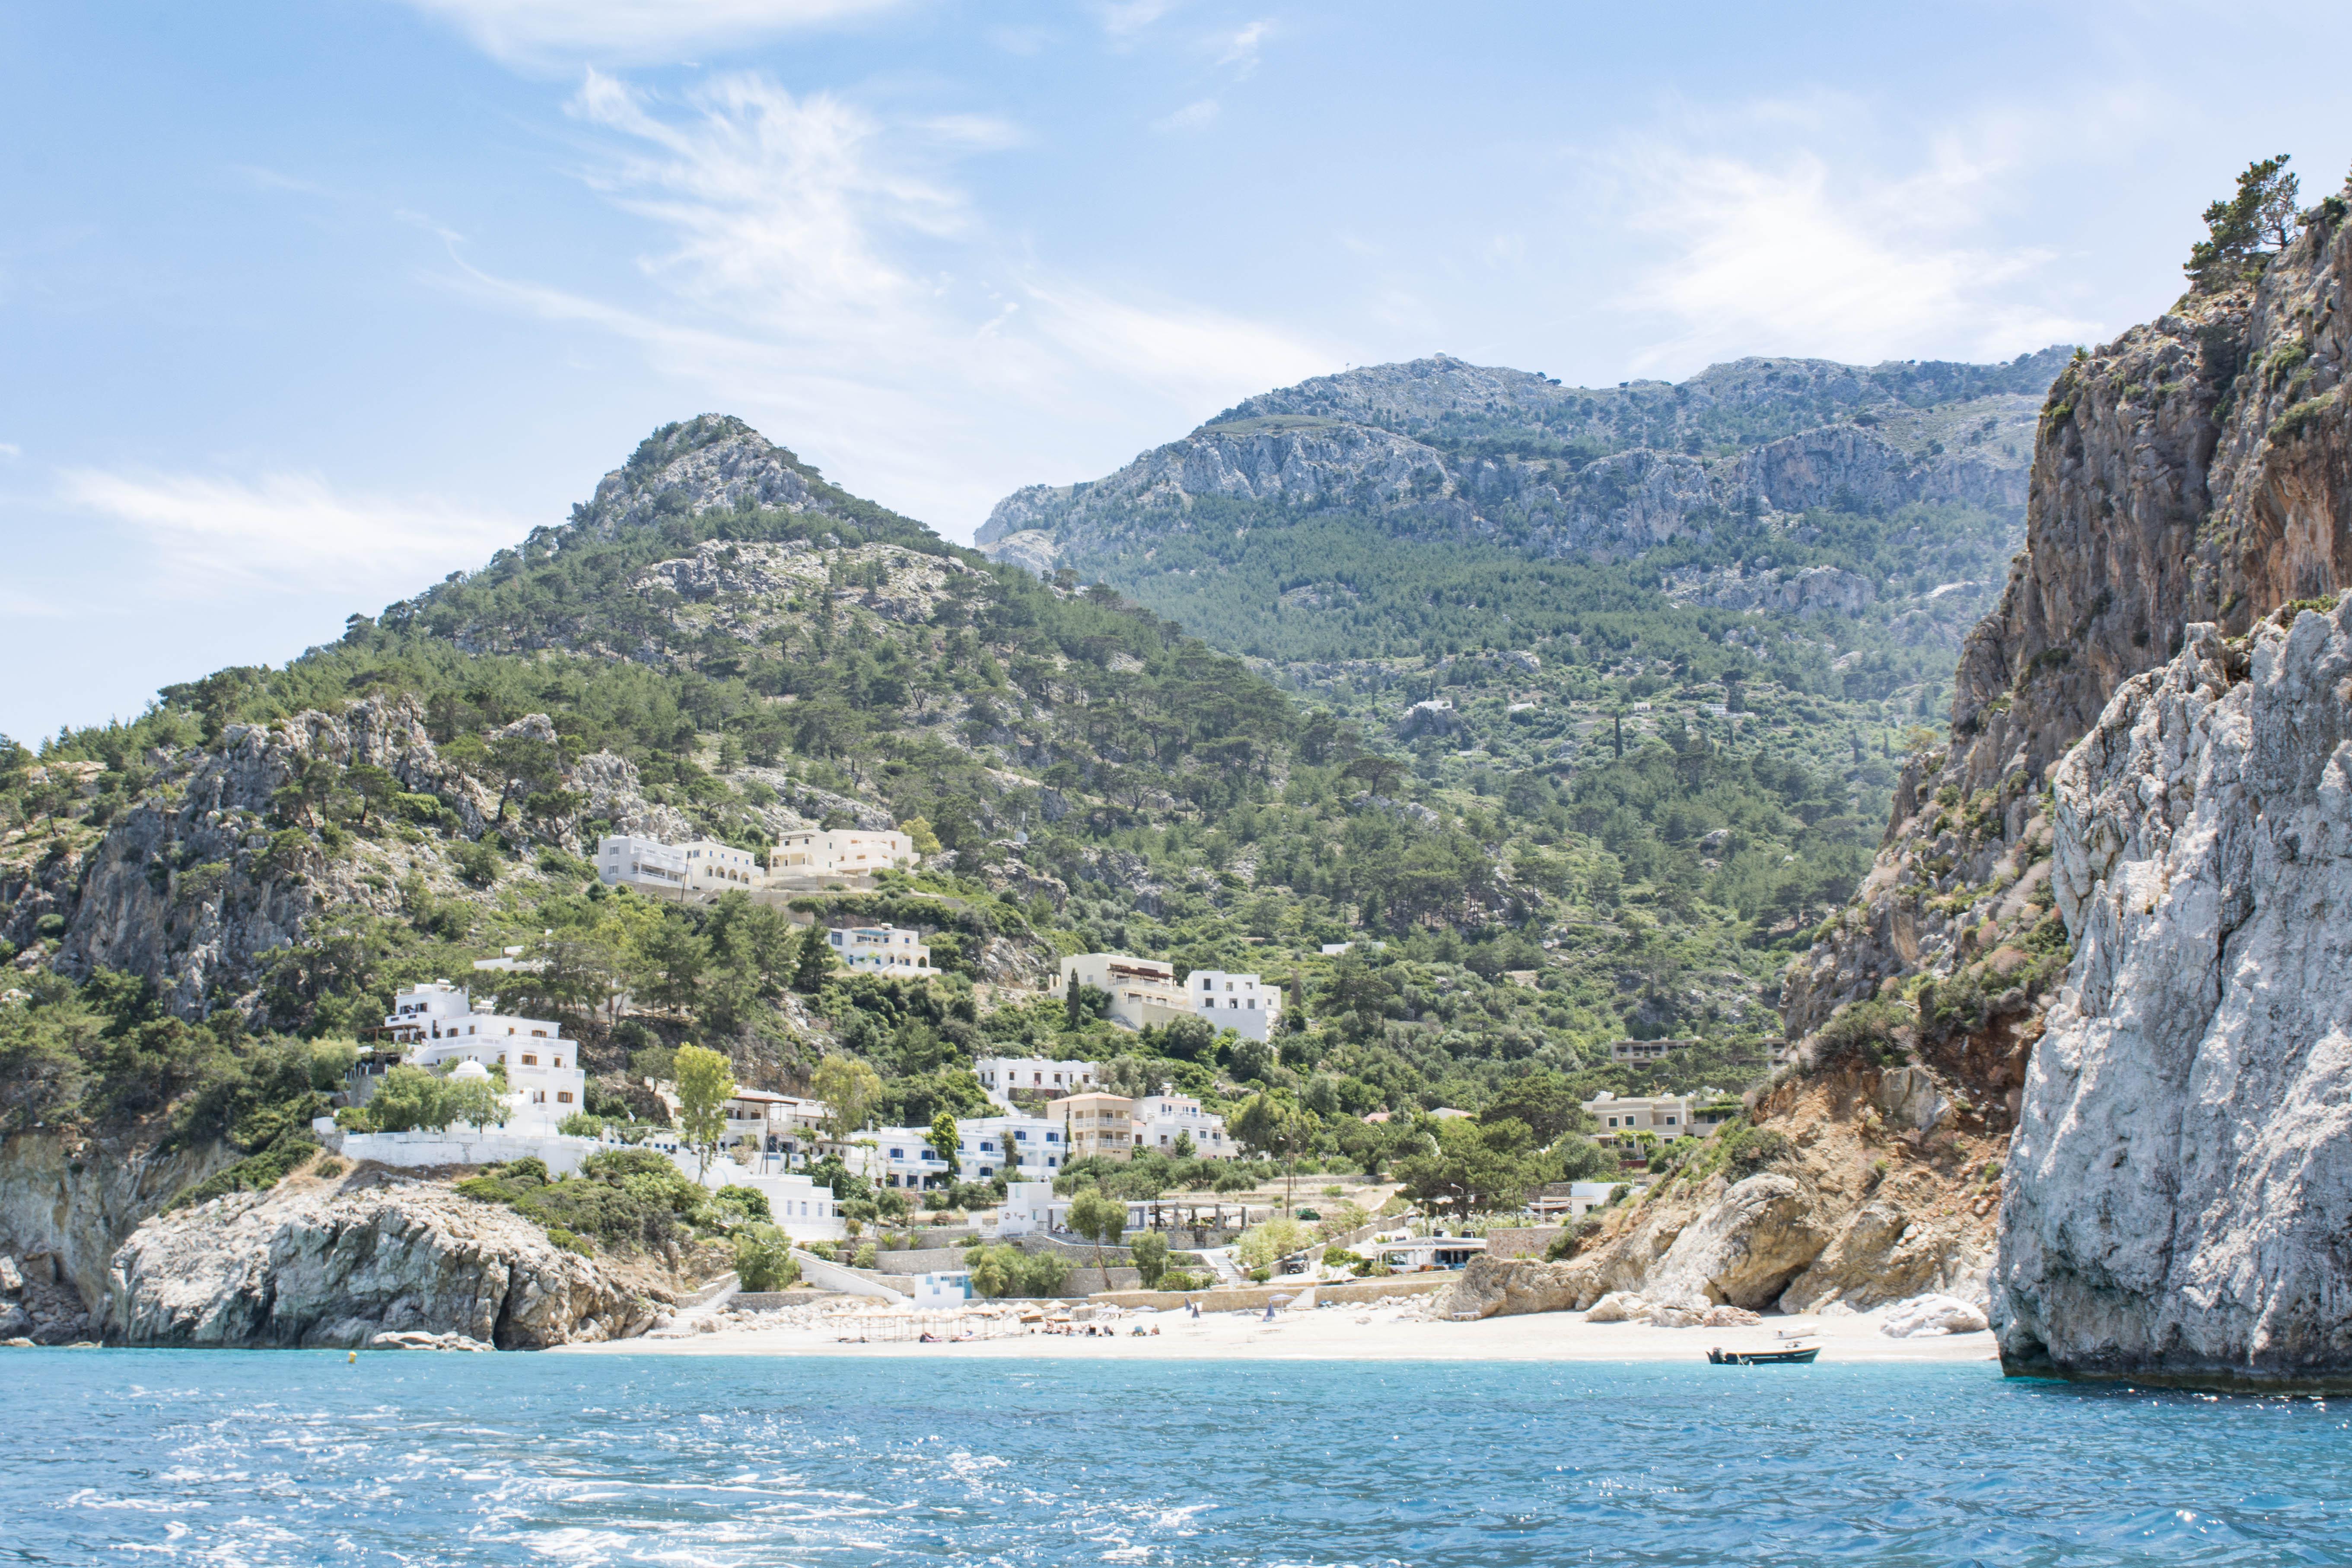 karpathos_kyra_panagia_beach.